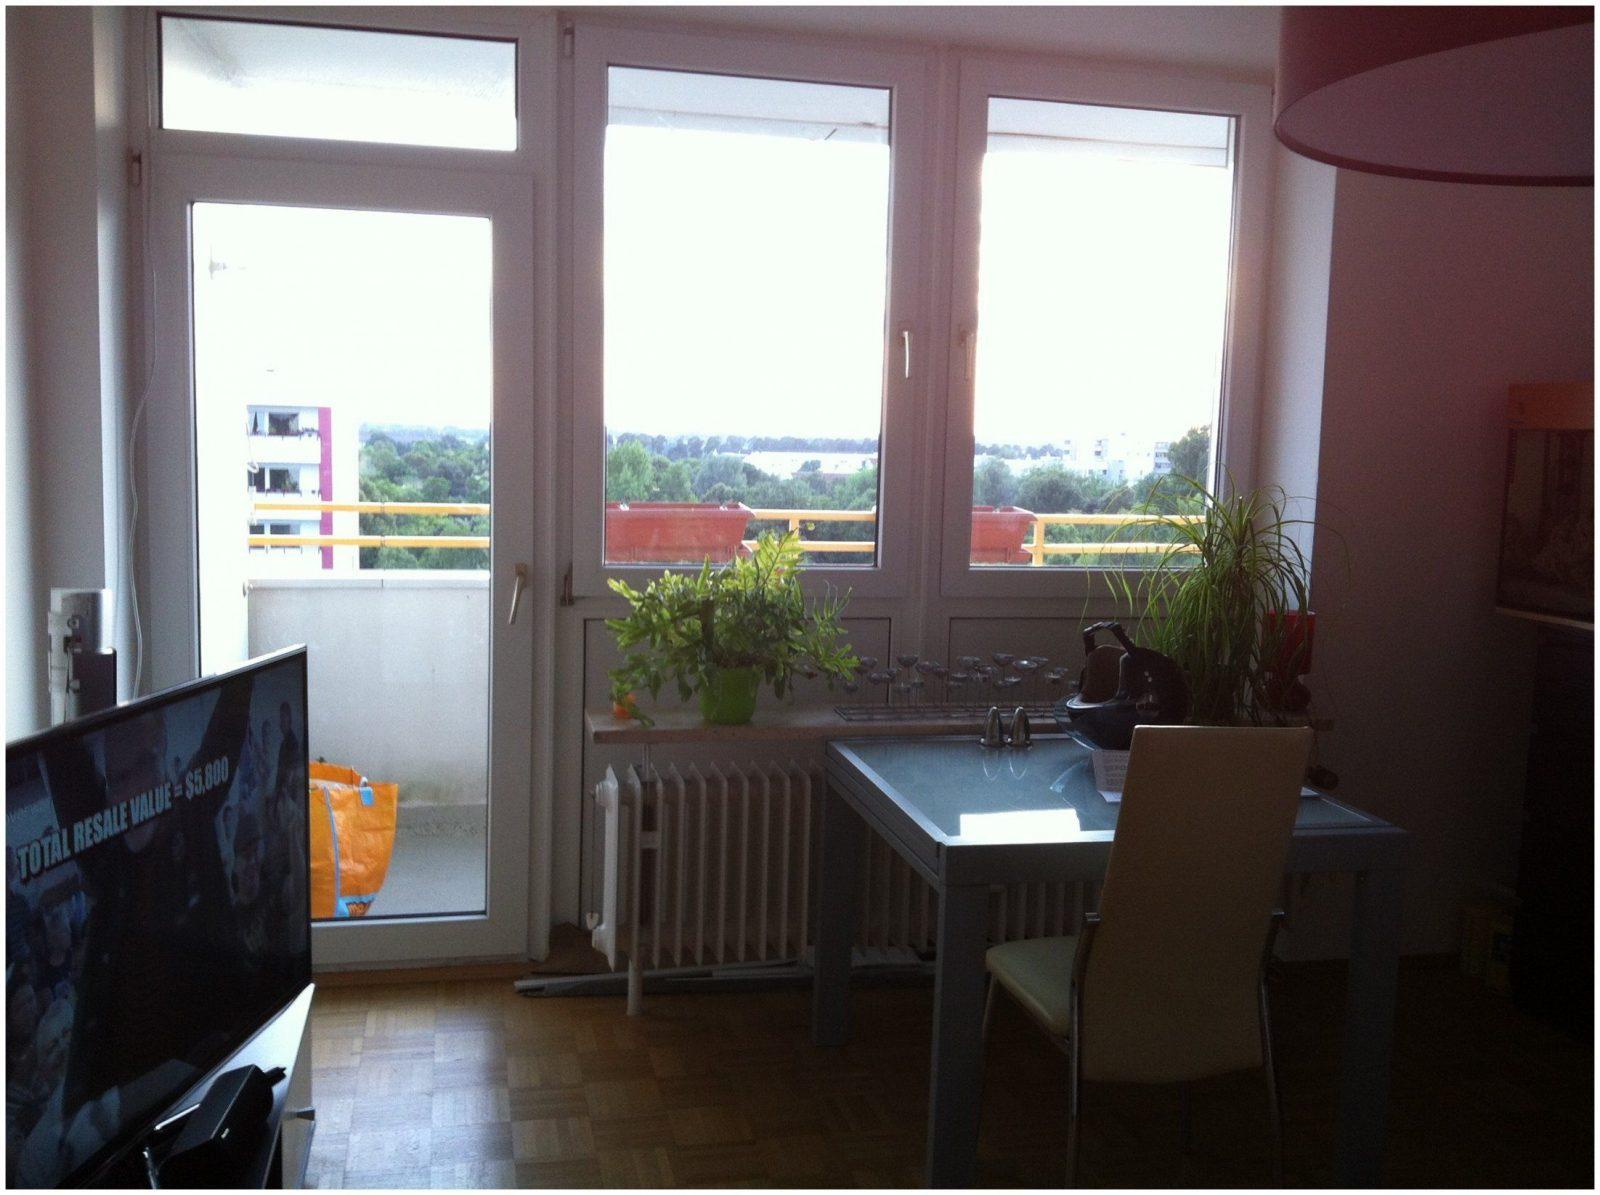 Elegant Fenster Dekorieren Ohne Gardinen Bild Von Fenster von Fenster Dekorieren Ohne Gardinen Bild